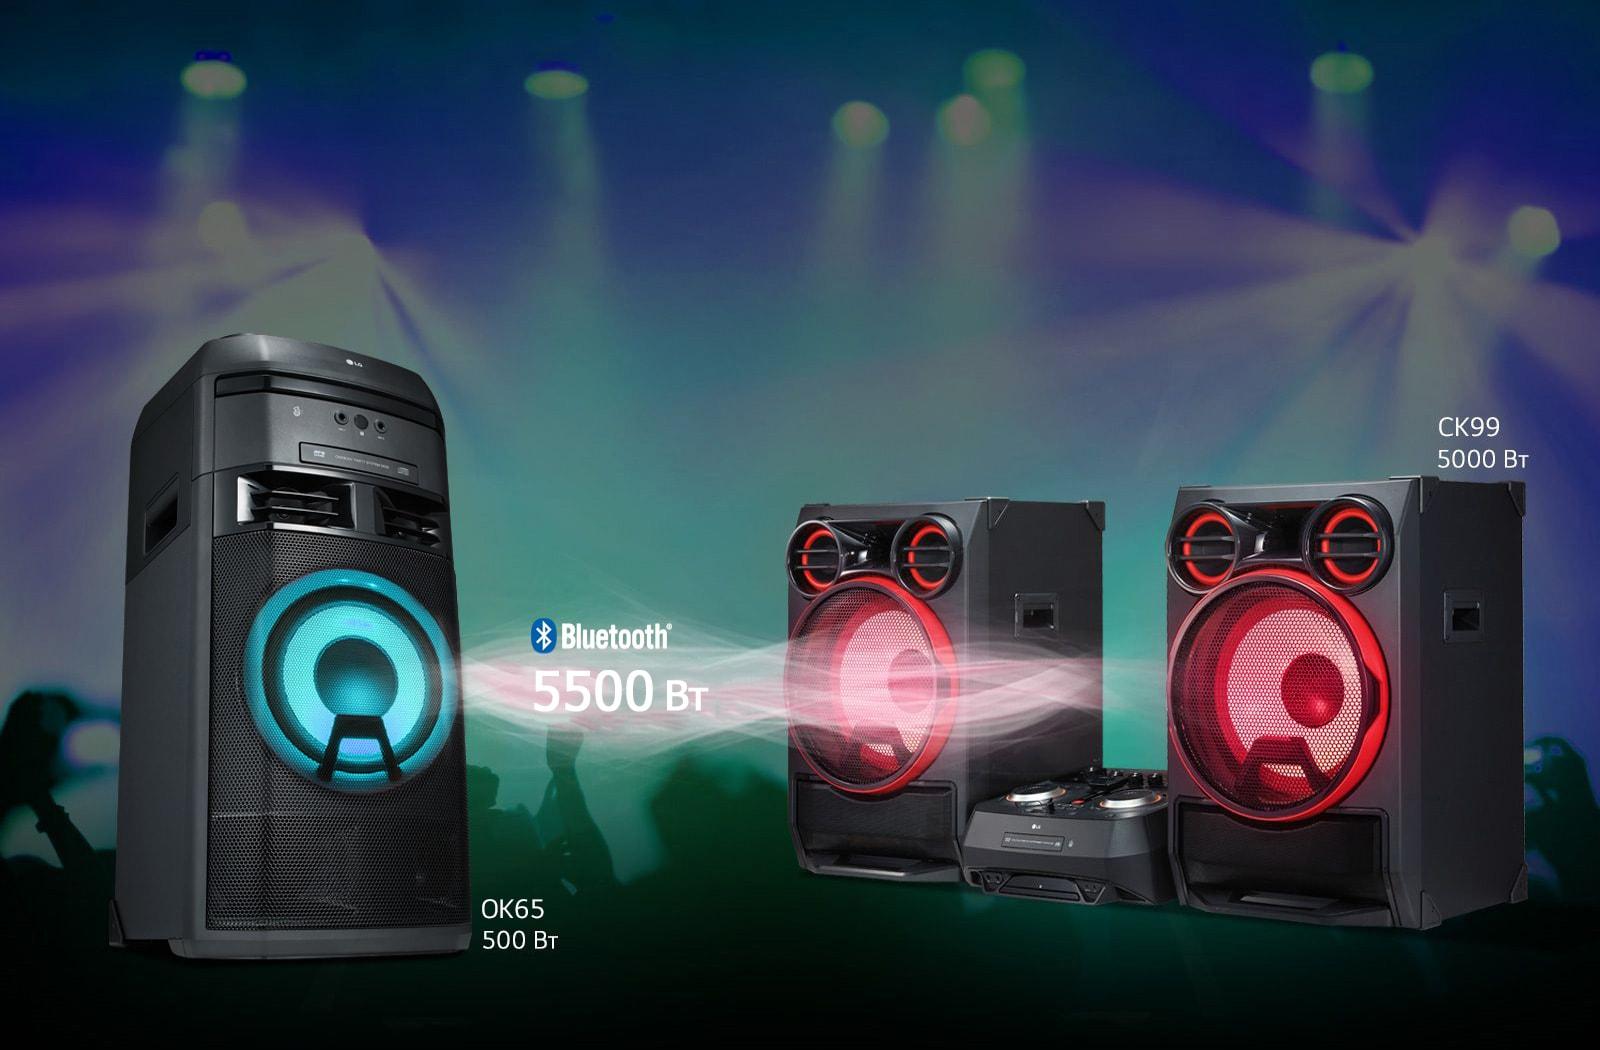 Аудиосистема LG XBOOM - функция беспроводного объединения устройств